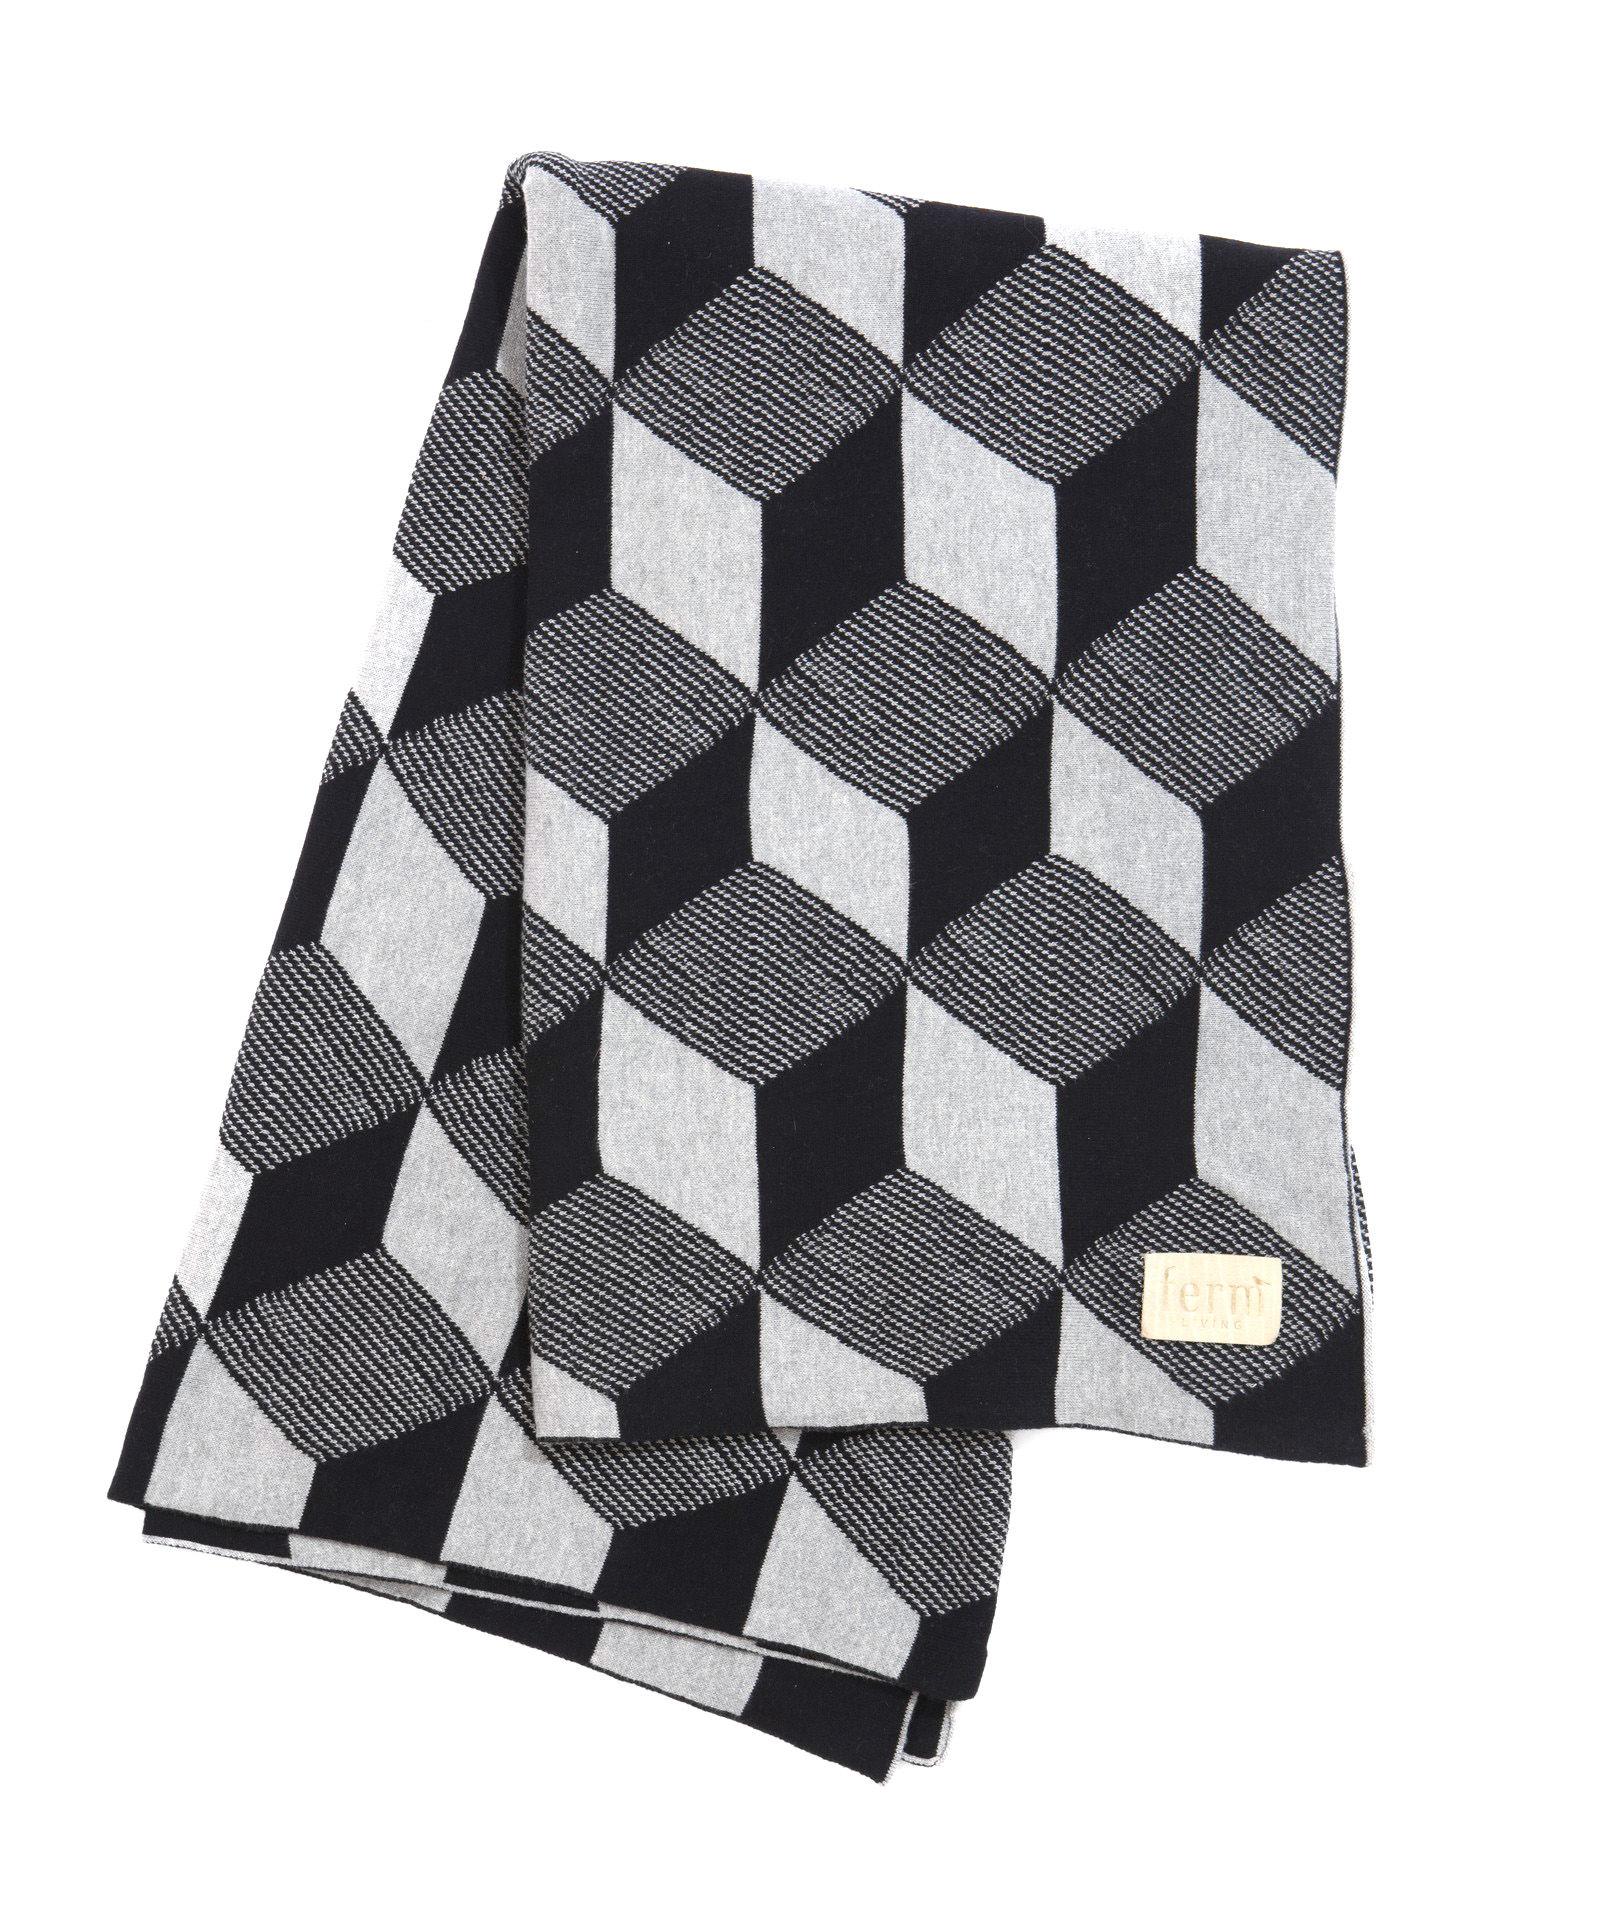 St-Valentin - Pour Lui - Plaid Squares / 150 x 120 cm - Ferm Living - Cubes - Noir & Argent - Coton